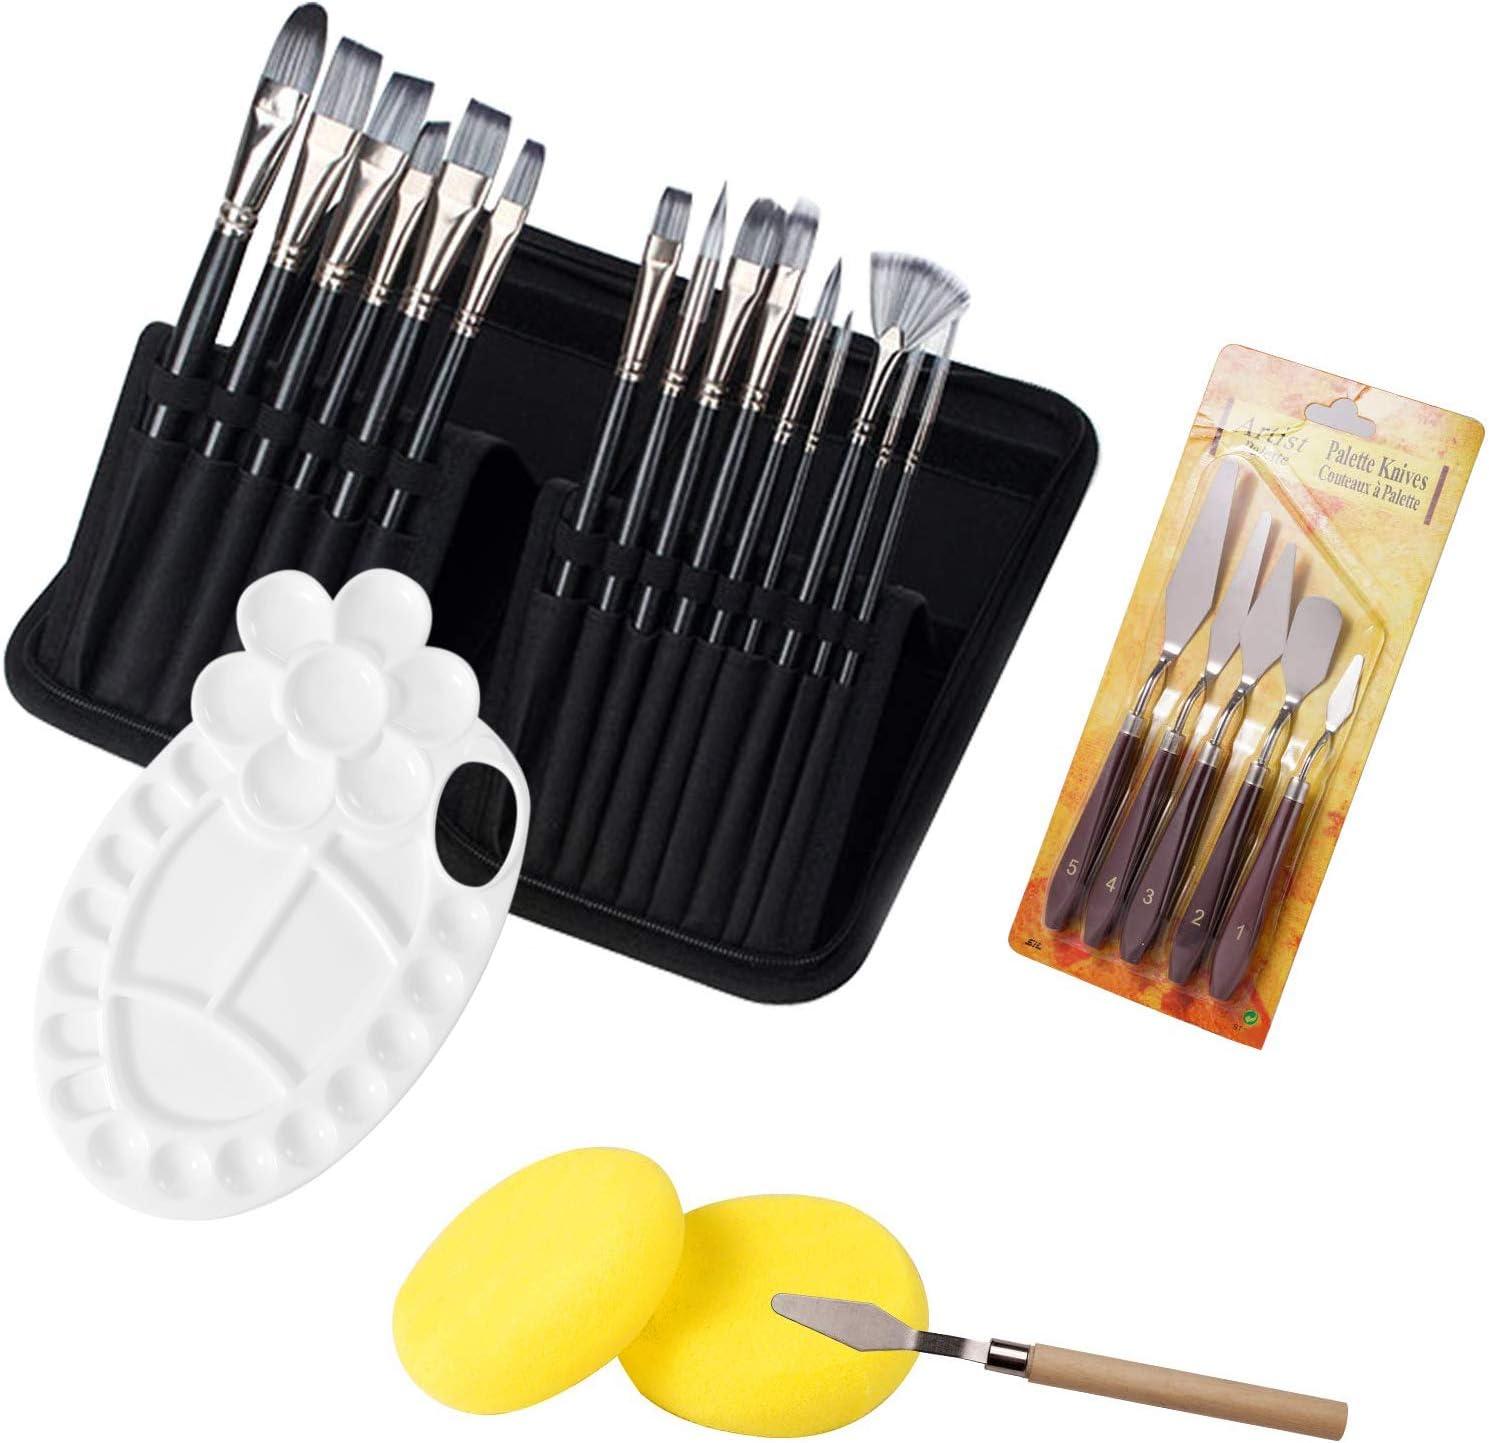 OKAYC 25pcs Acrylic Paint Brushes Set,6 Palette Knife and 2 Sponge 15 Sizes Brushes,with Holder Storage Box and Ergonomic Non-Sl